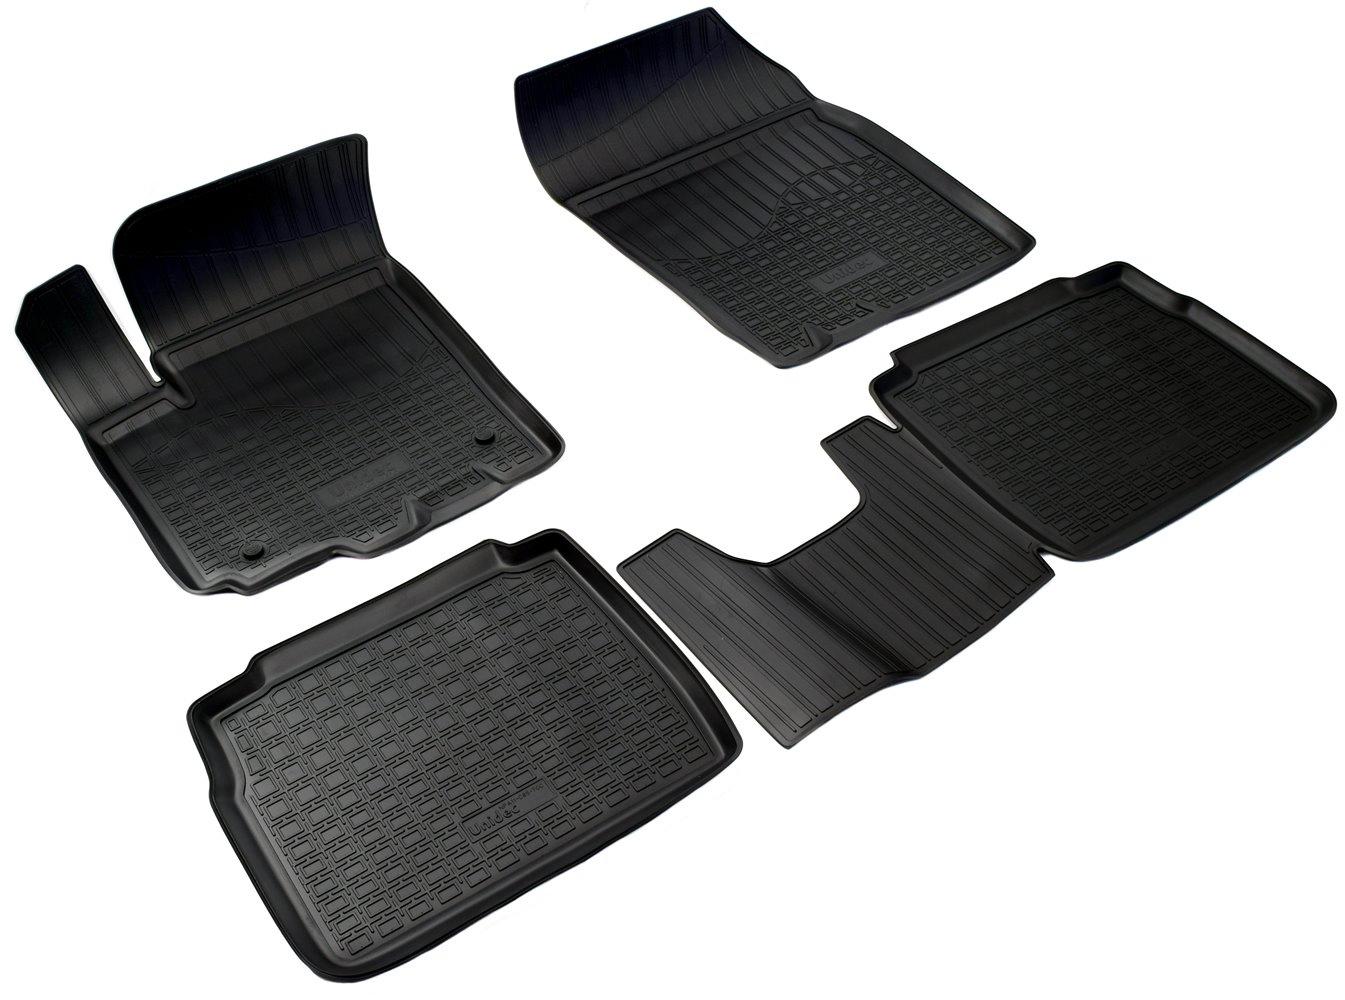 Коврики салона Norplast для SUZUKI SX4 2014, NPA11-C85-700, черный цены